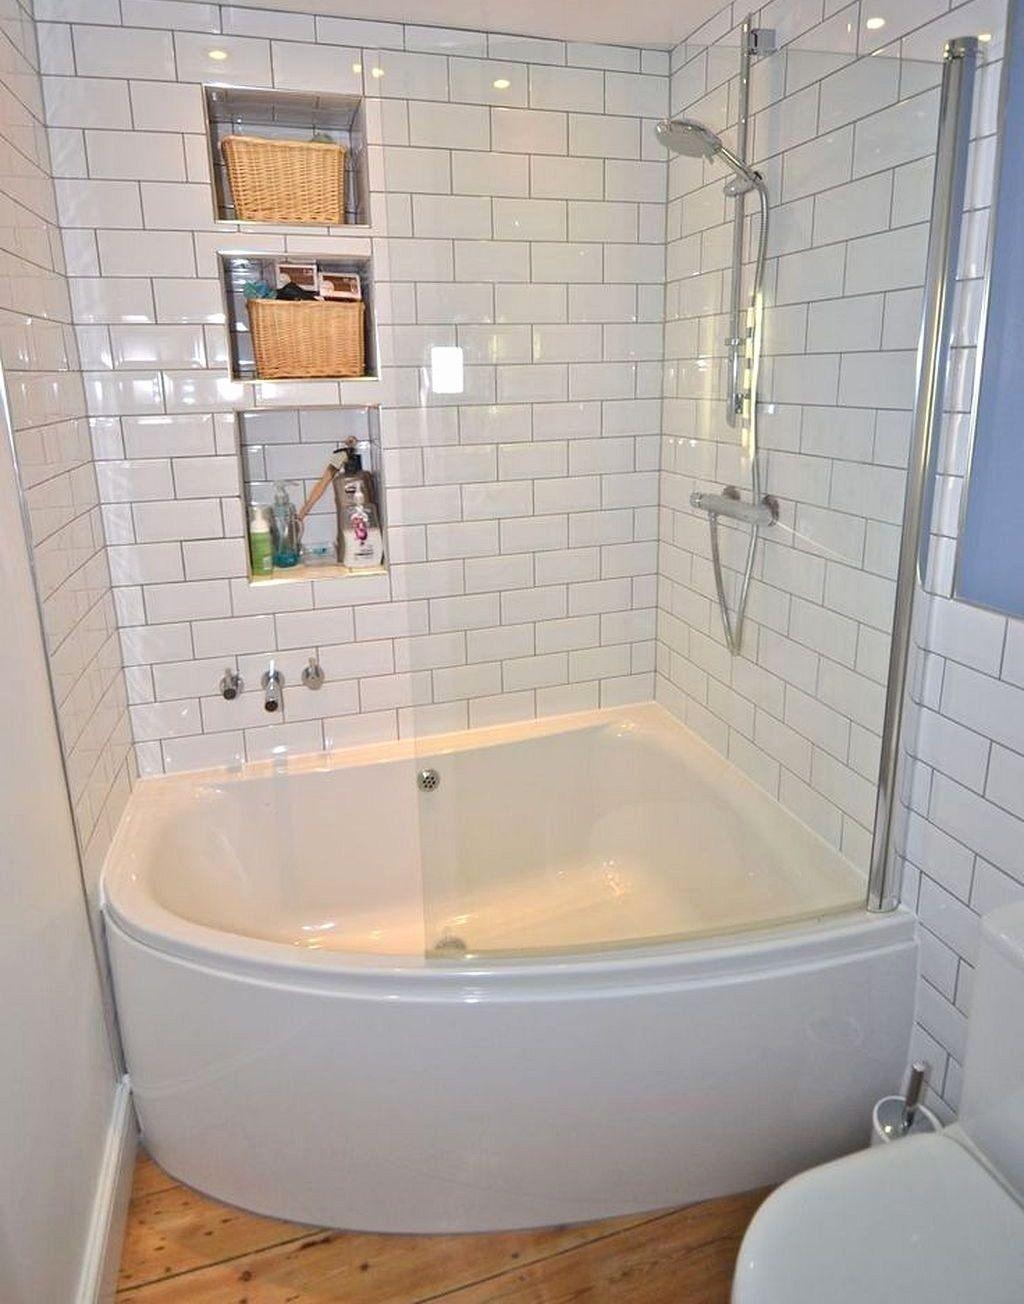 Small Bathroom With Tub Ideas Luxury 39 Magnificient Small Bathroom Tub Shower Remodeling Ideas Bathroom Tub Shower Bathtub Remodel Shower Remodel